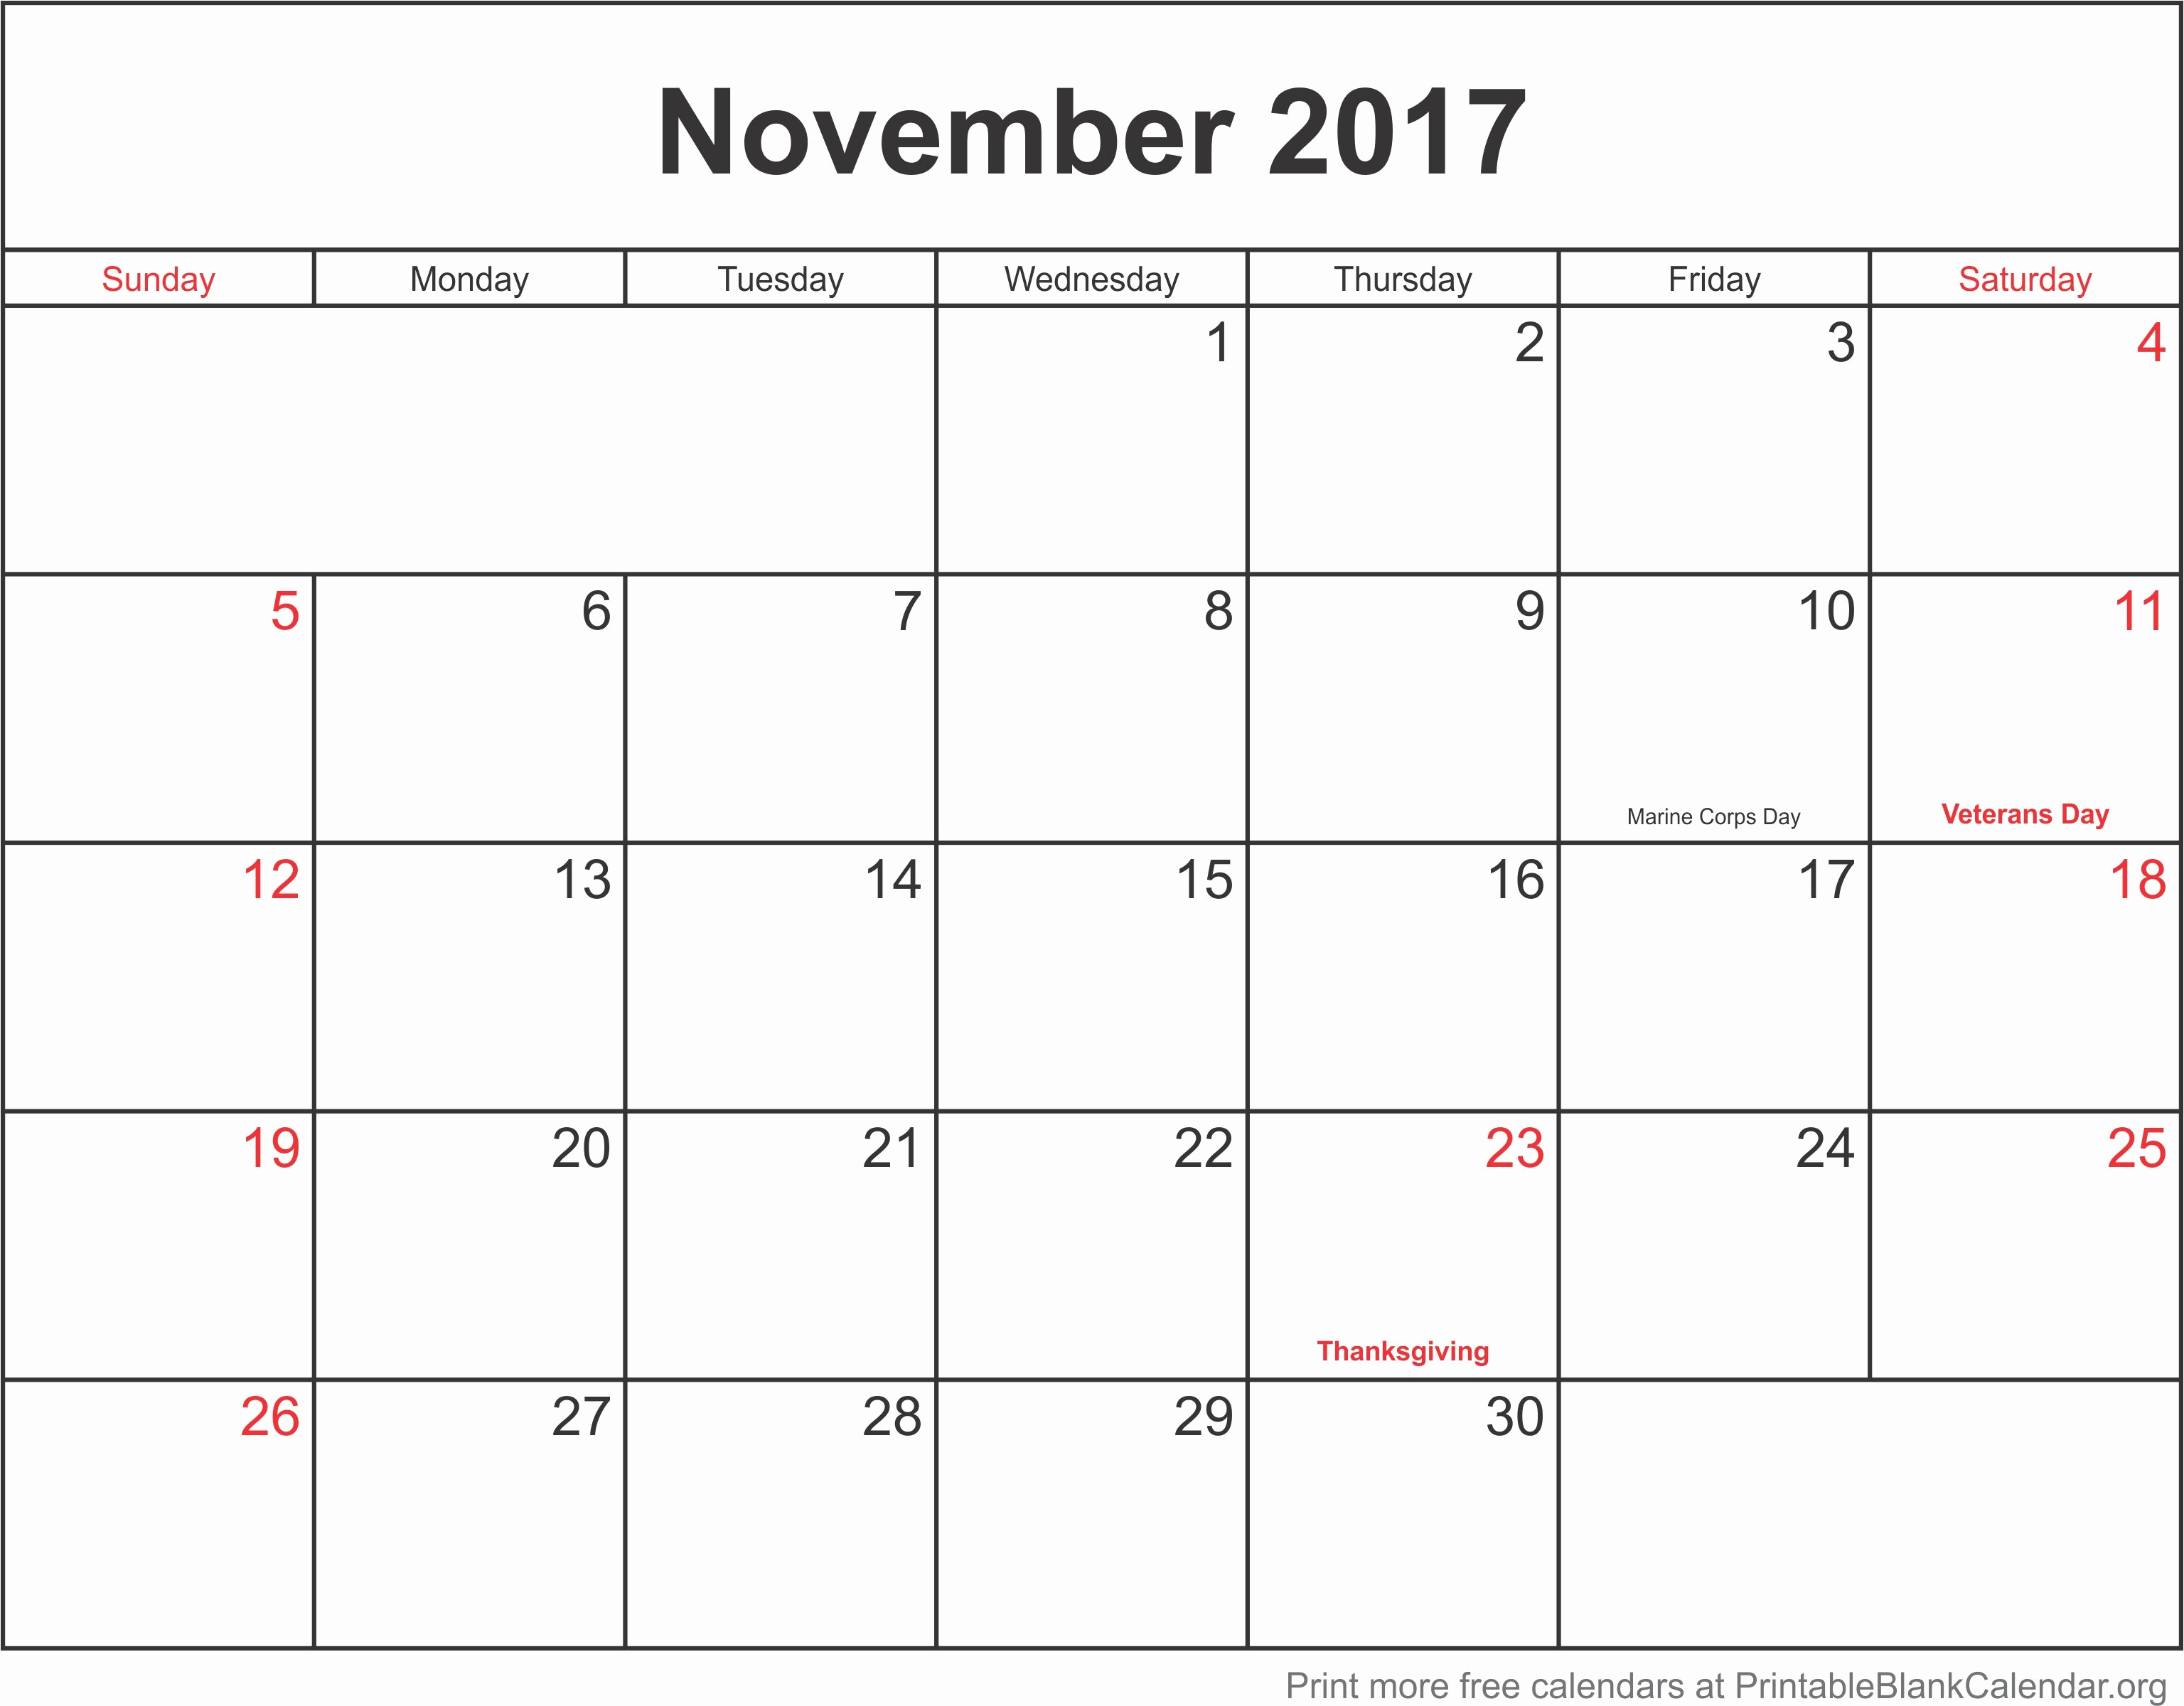 Blank November 2017 Calendar Template Beautiful November 2017 Monthly Calendar Printable Blank Calendar